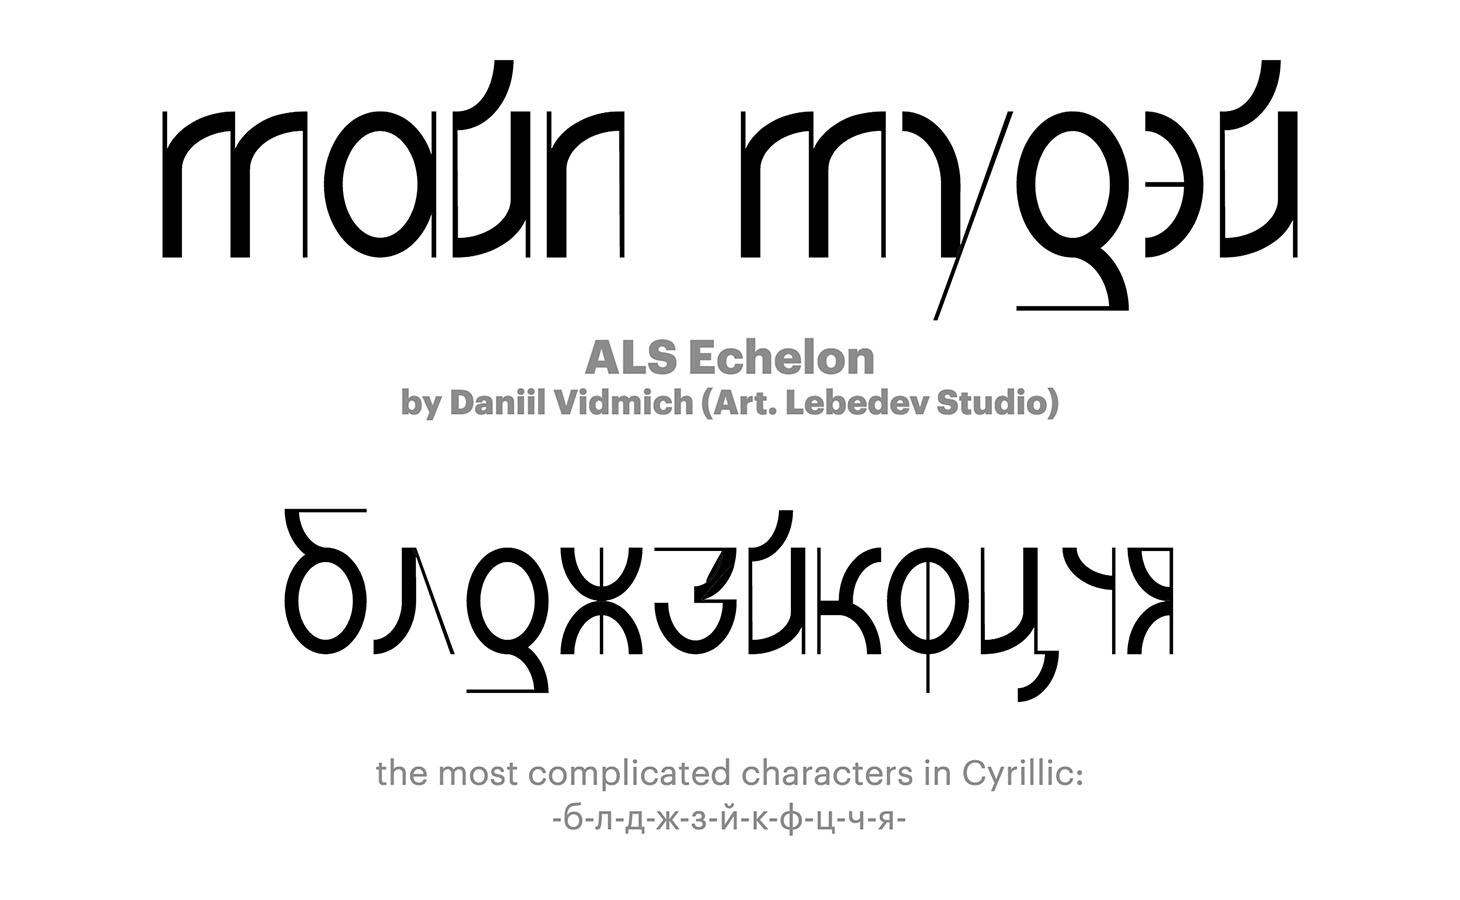 ALS-Echelon